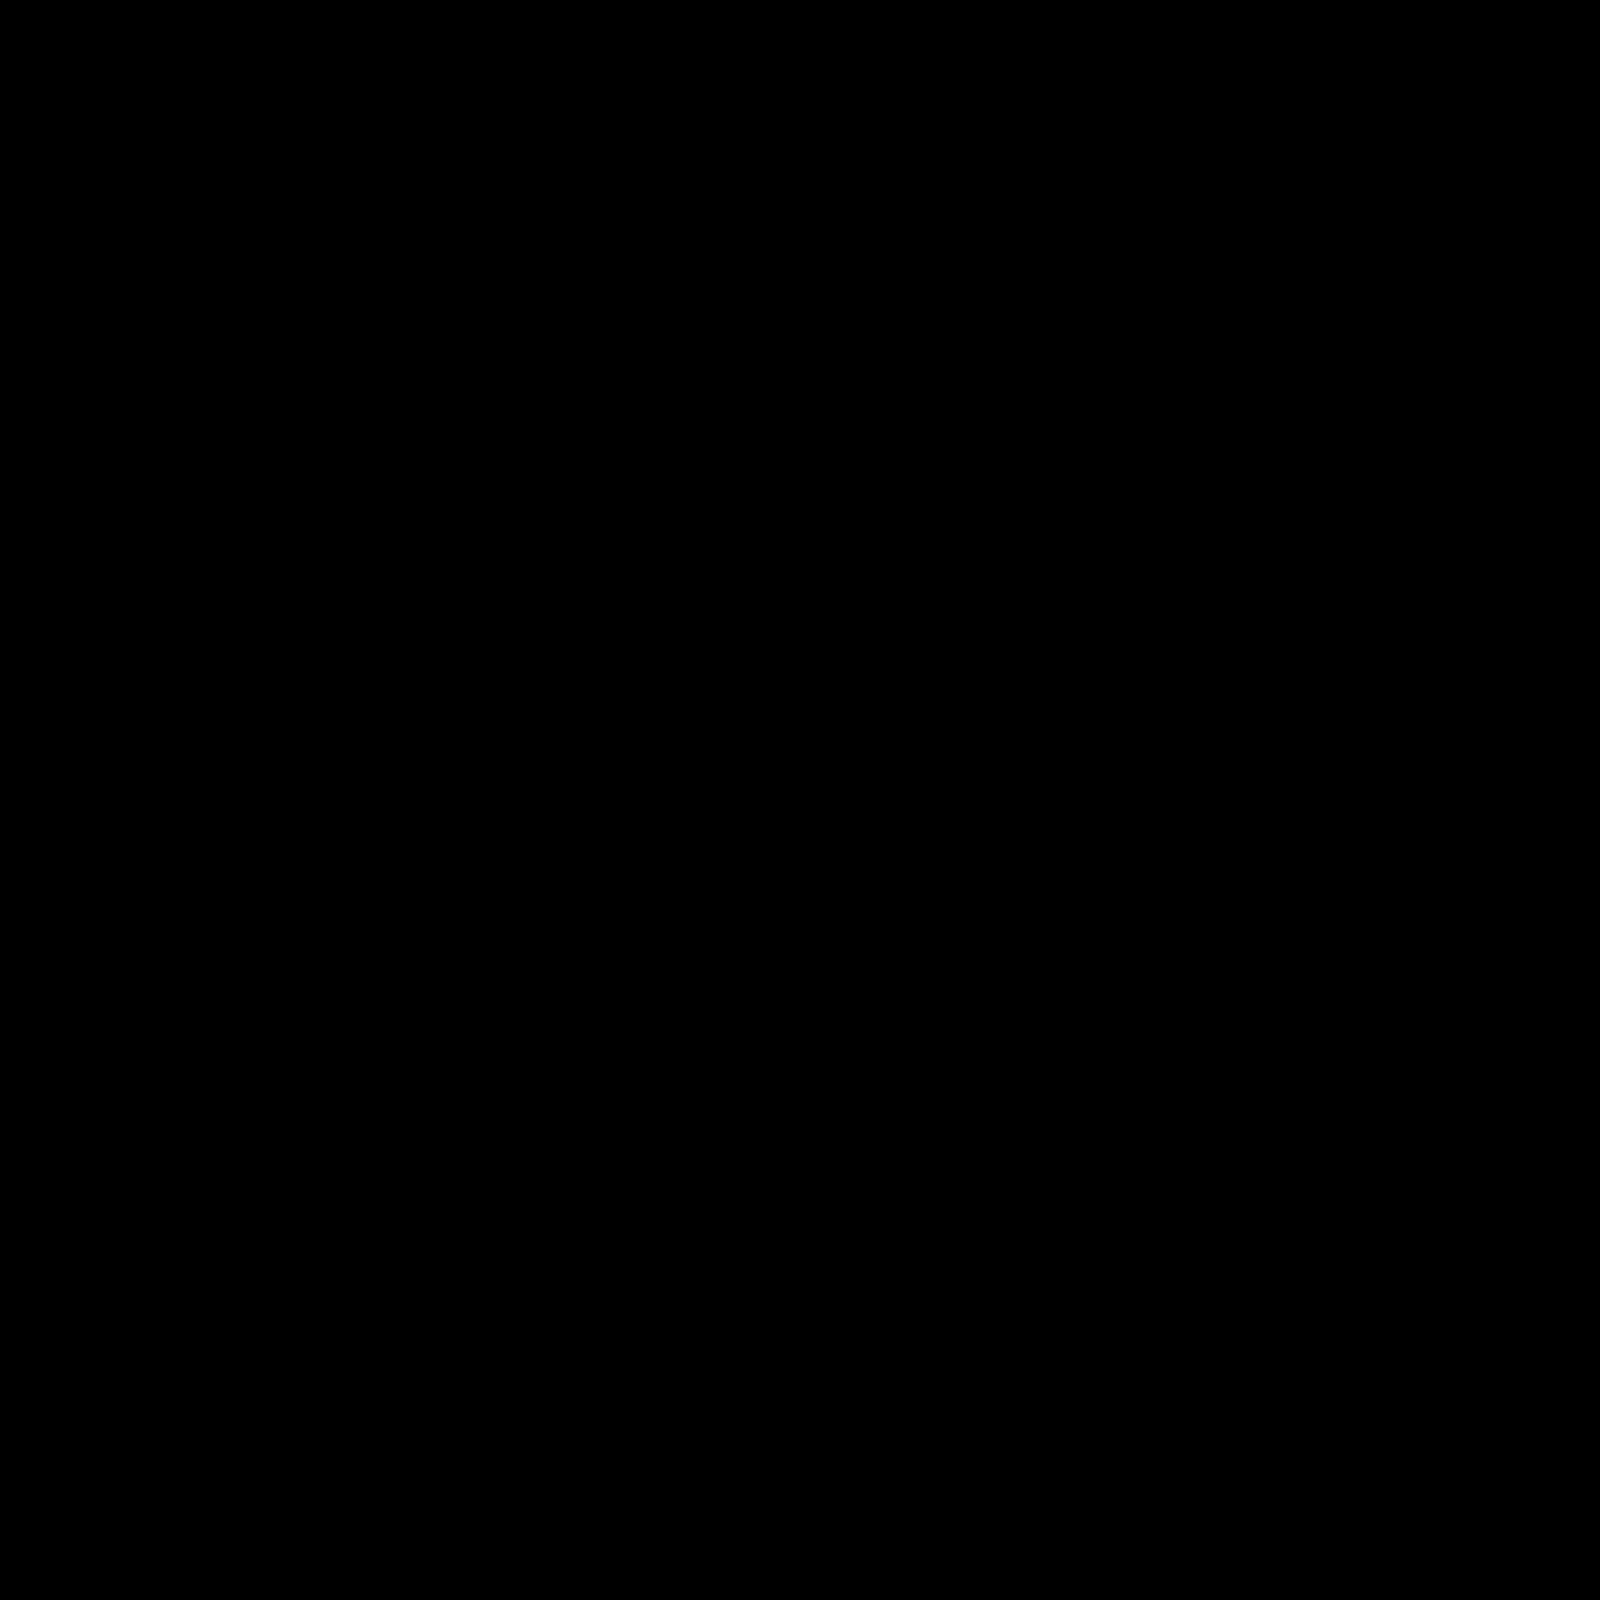 Prawy pasek nawigacyjny icon